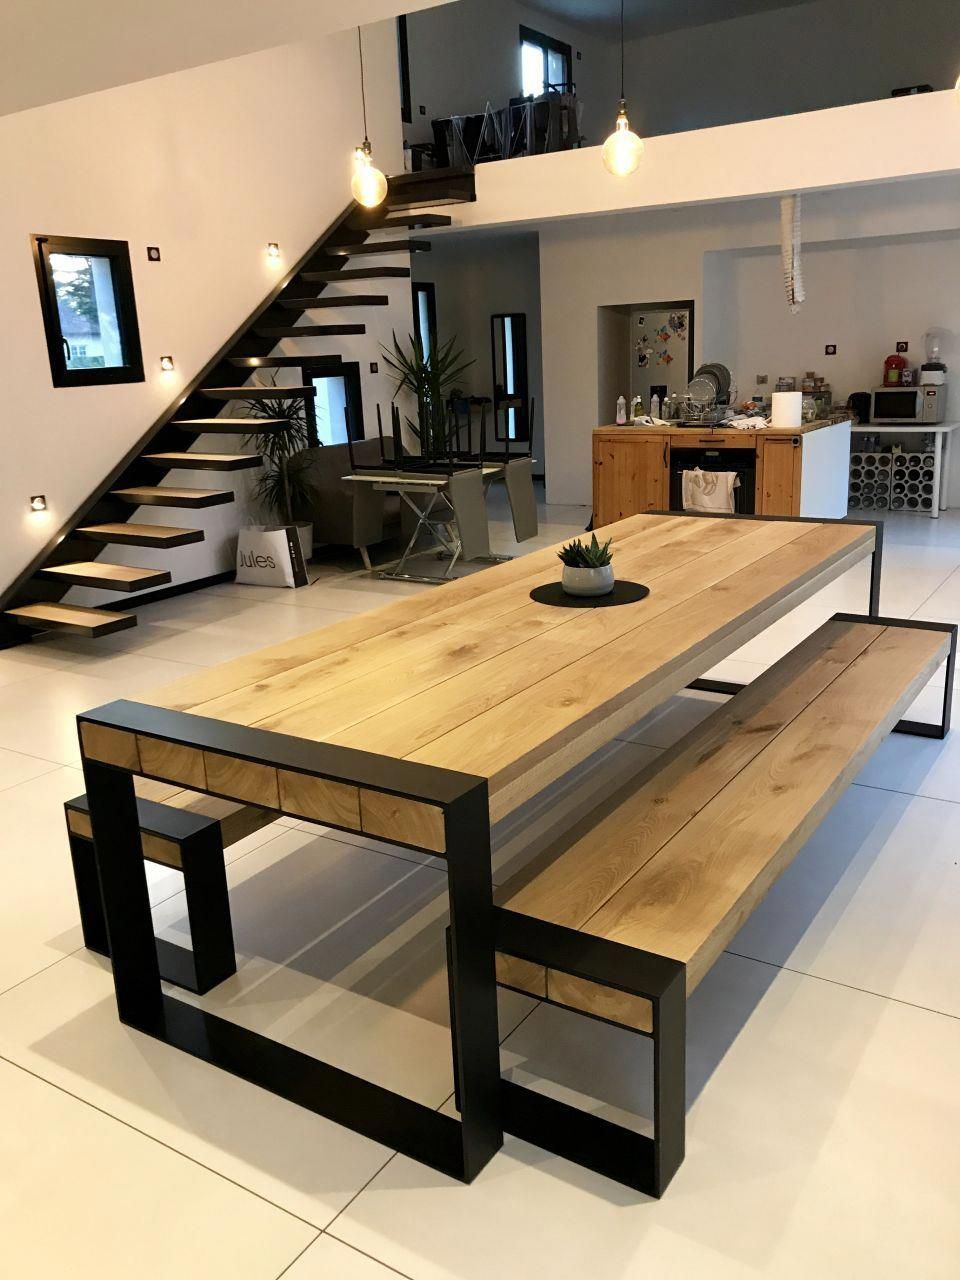 epingle sur bricolage facile maison